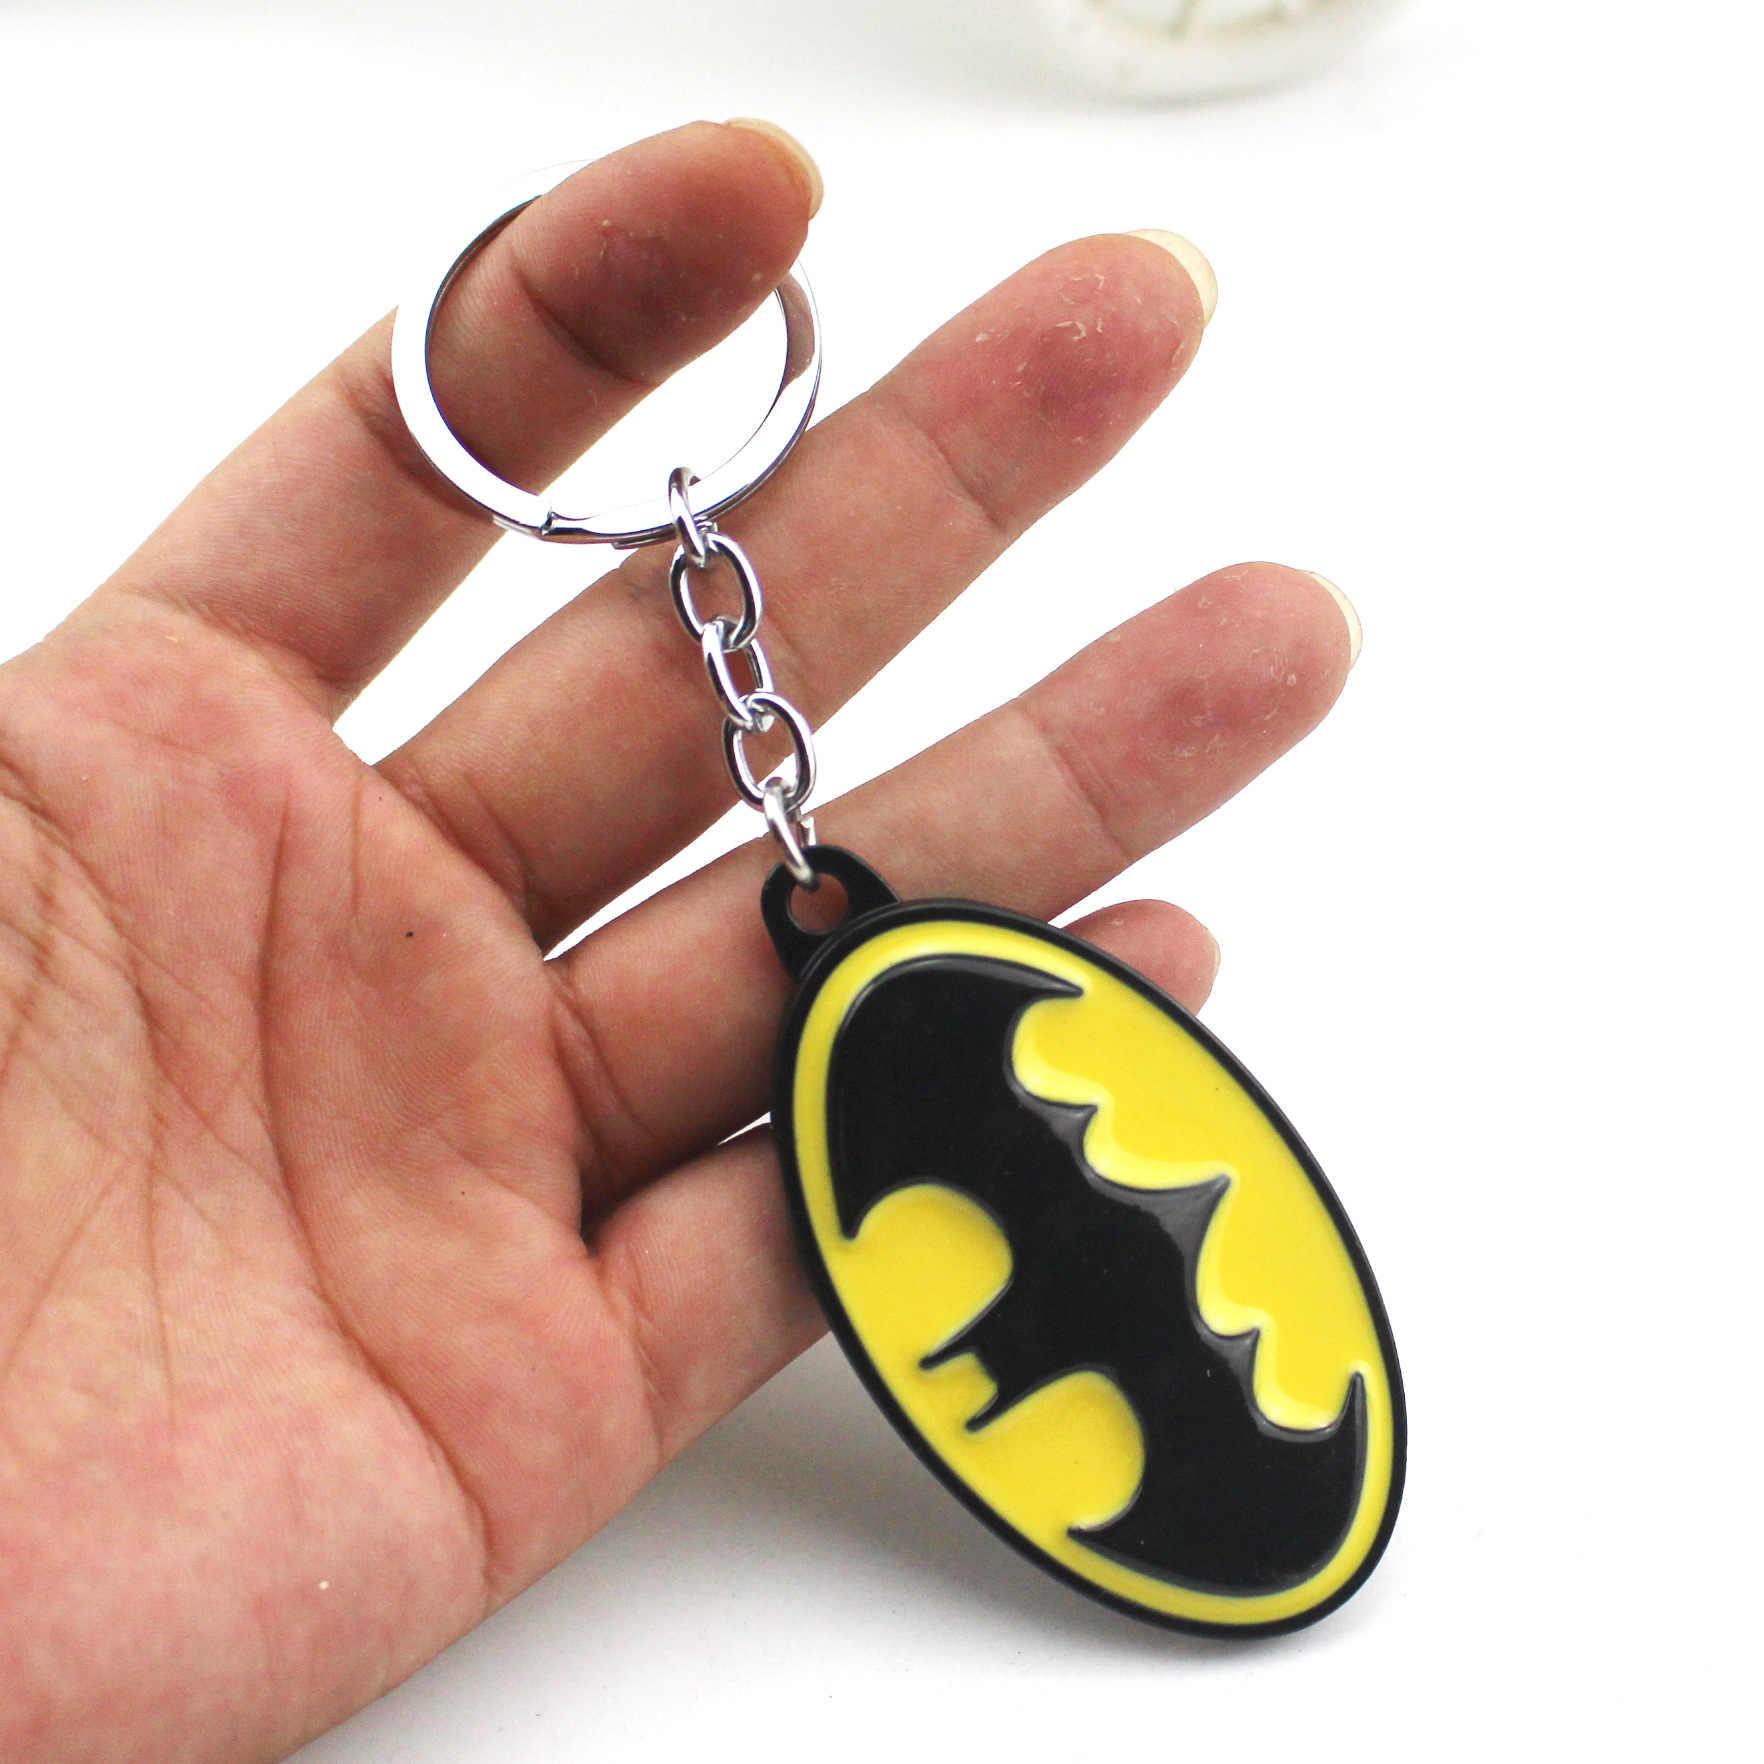 Nova 4 Vingadores Capitão América Marvel thanos Ferro Homem Aranha luva Batman thor Keychain Chaveiro chaveiro Jóias